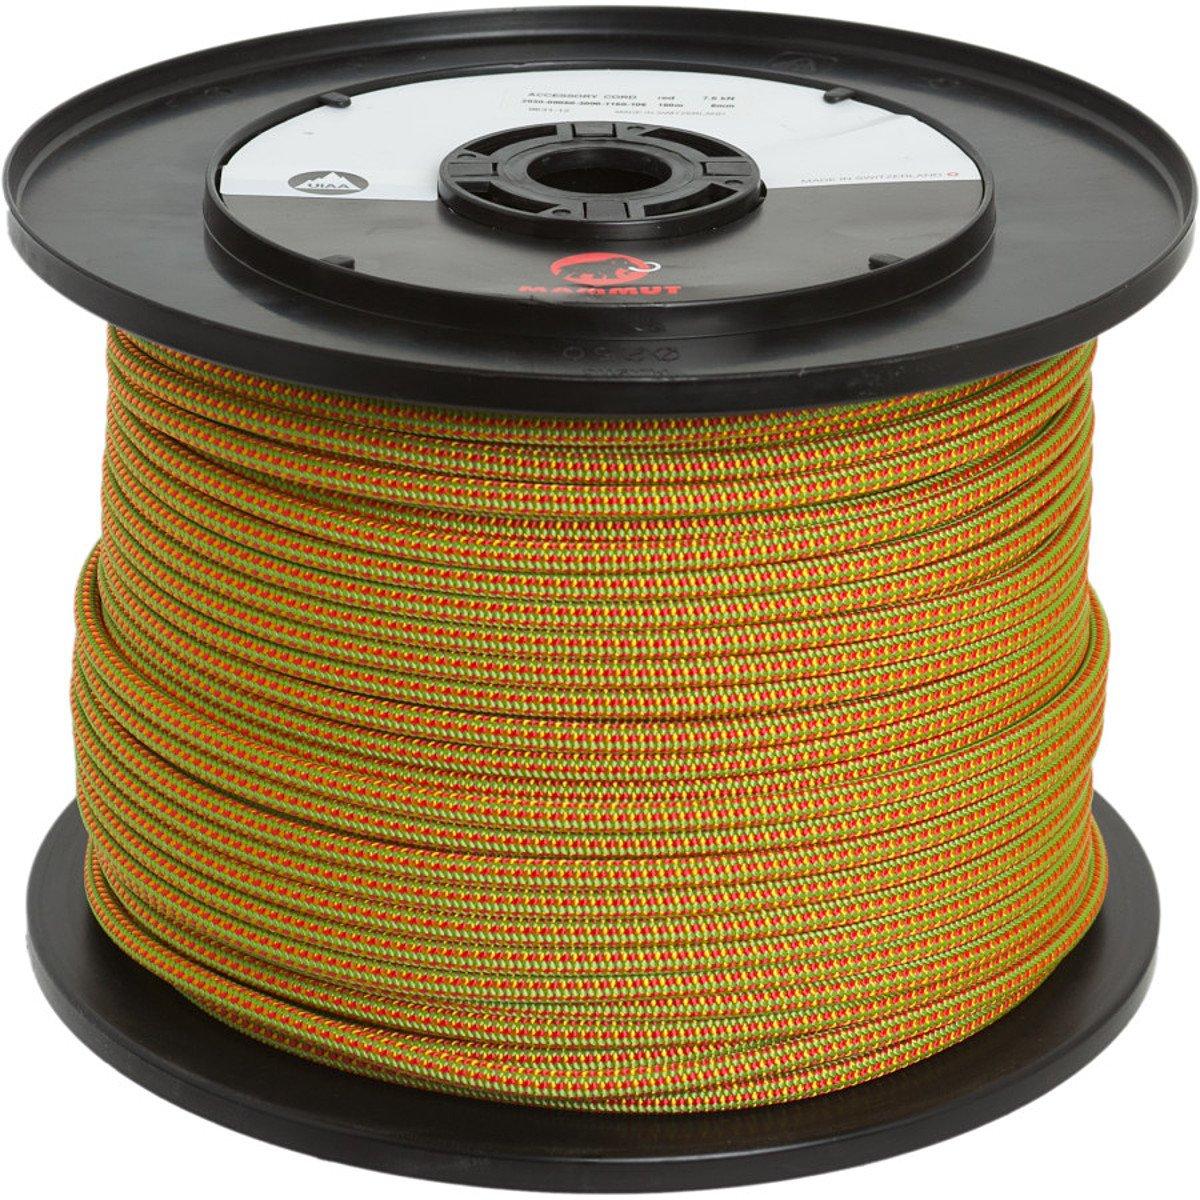 ◎17FW マムート(MAMMUT) Accessory Cord 2030-00051 3000 red クライミング用品 6/150m レッド B01MR7MUDY